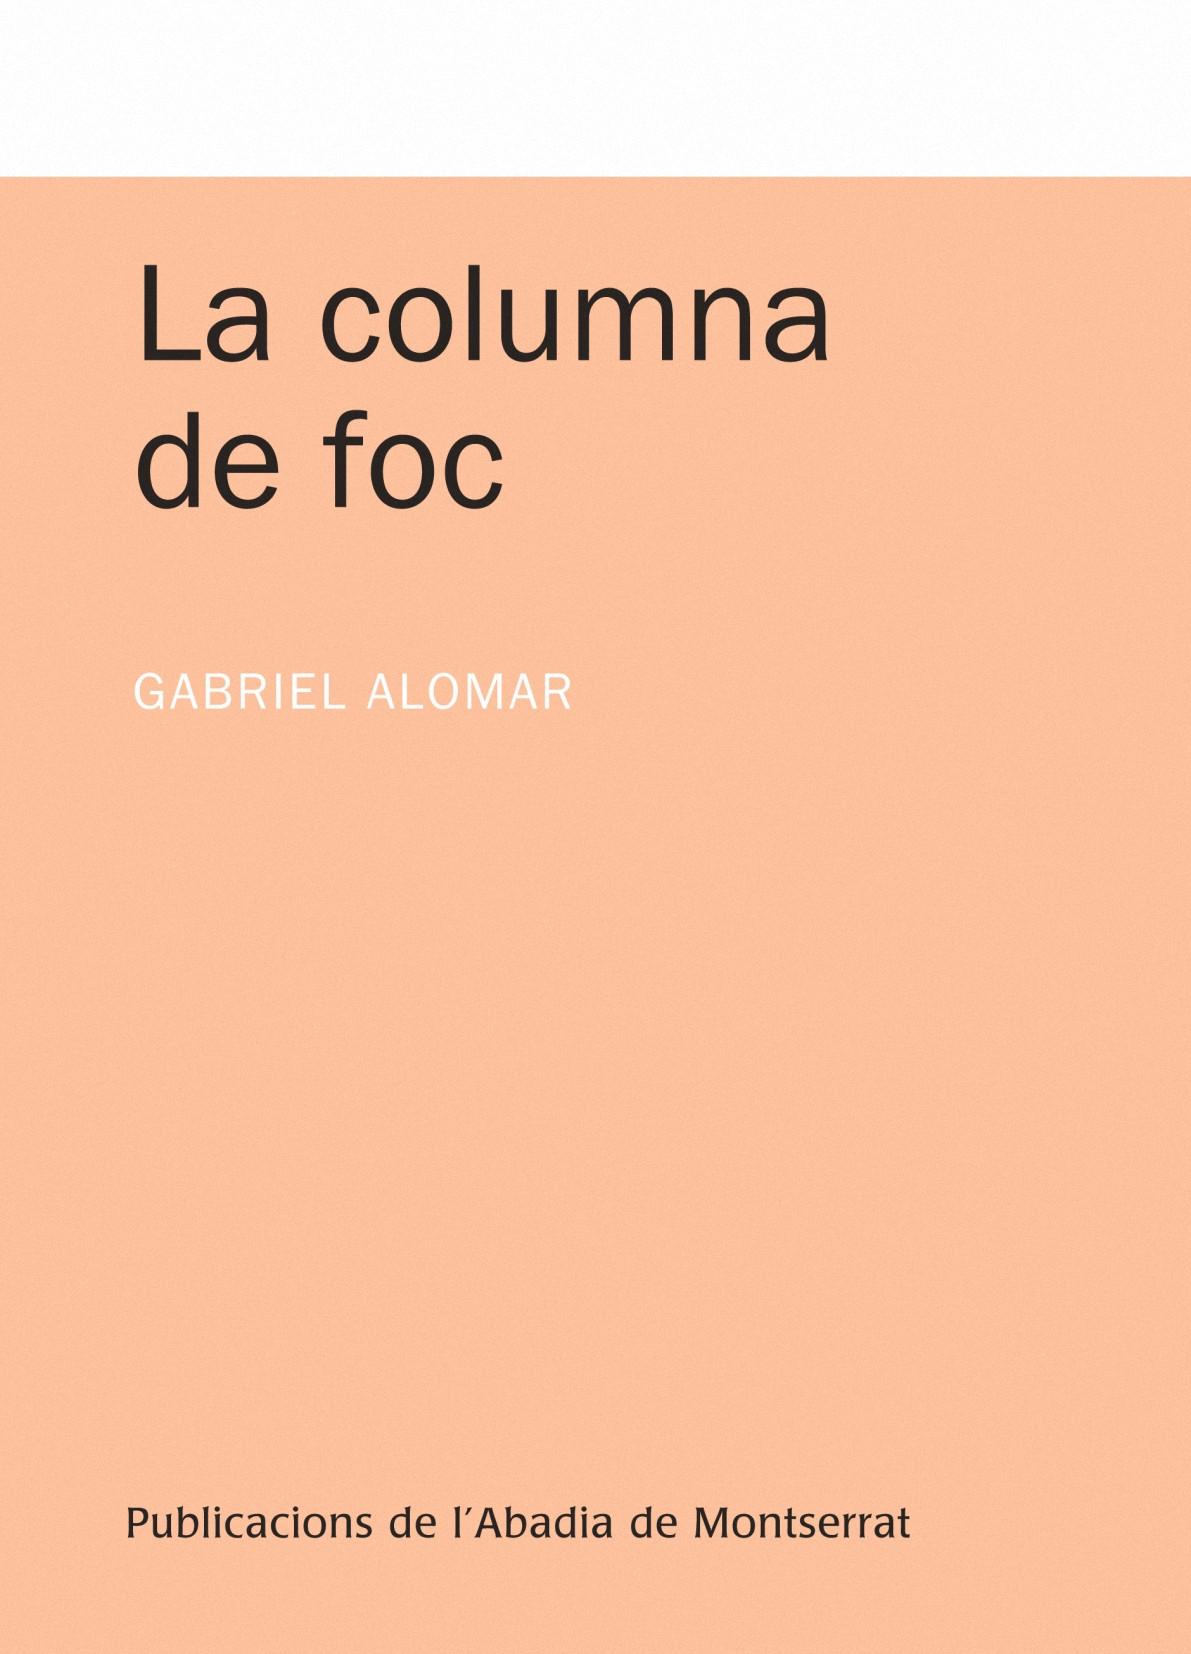 LA COLUMNA DE FOC